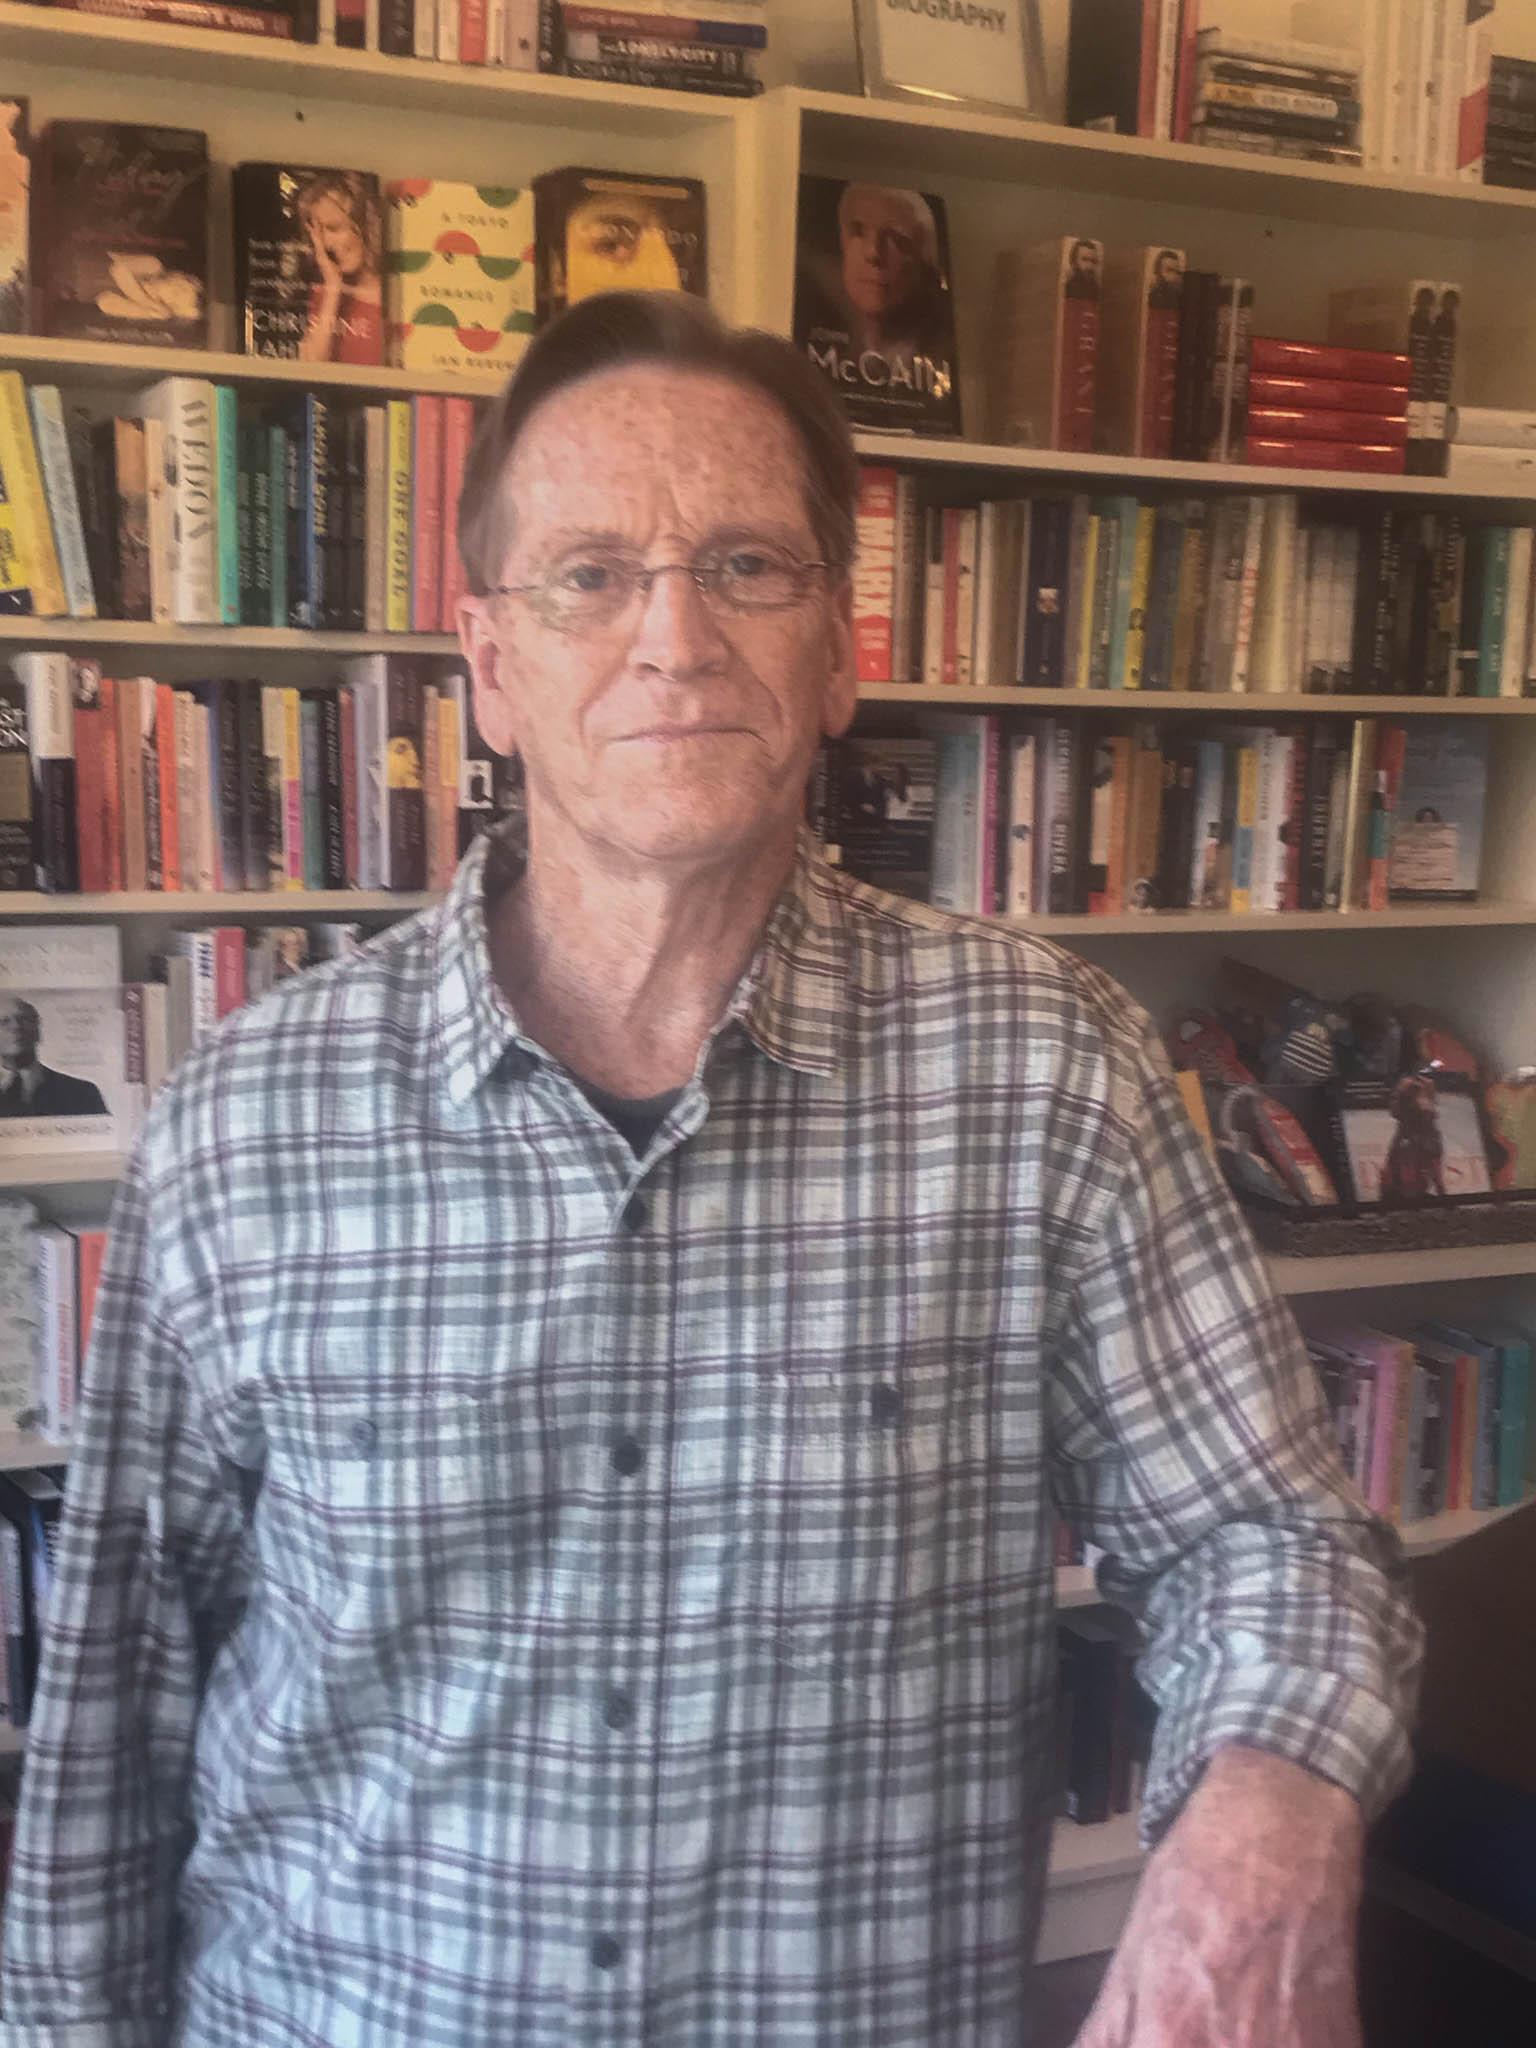 5/24: Steve Nolan at Lahaska Bookshop